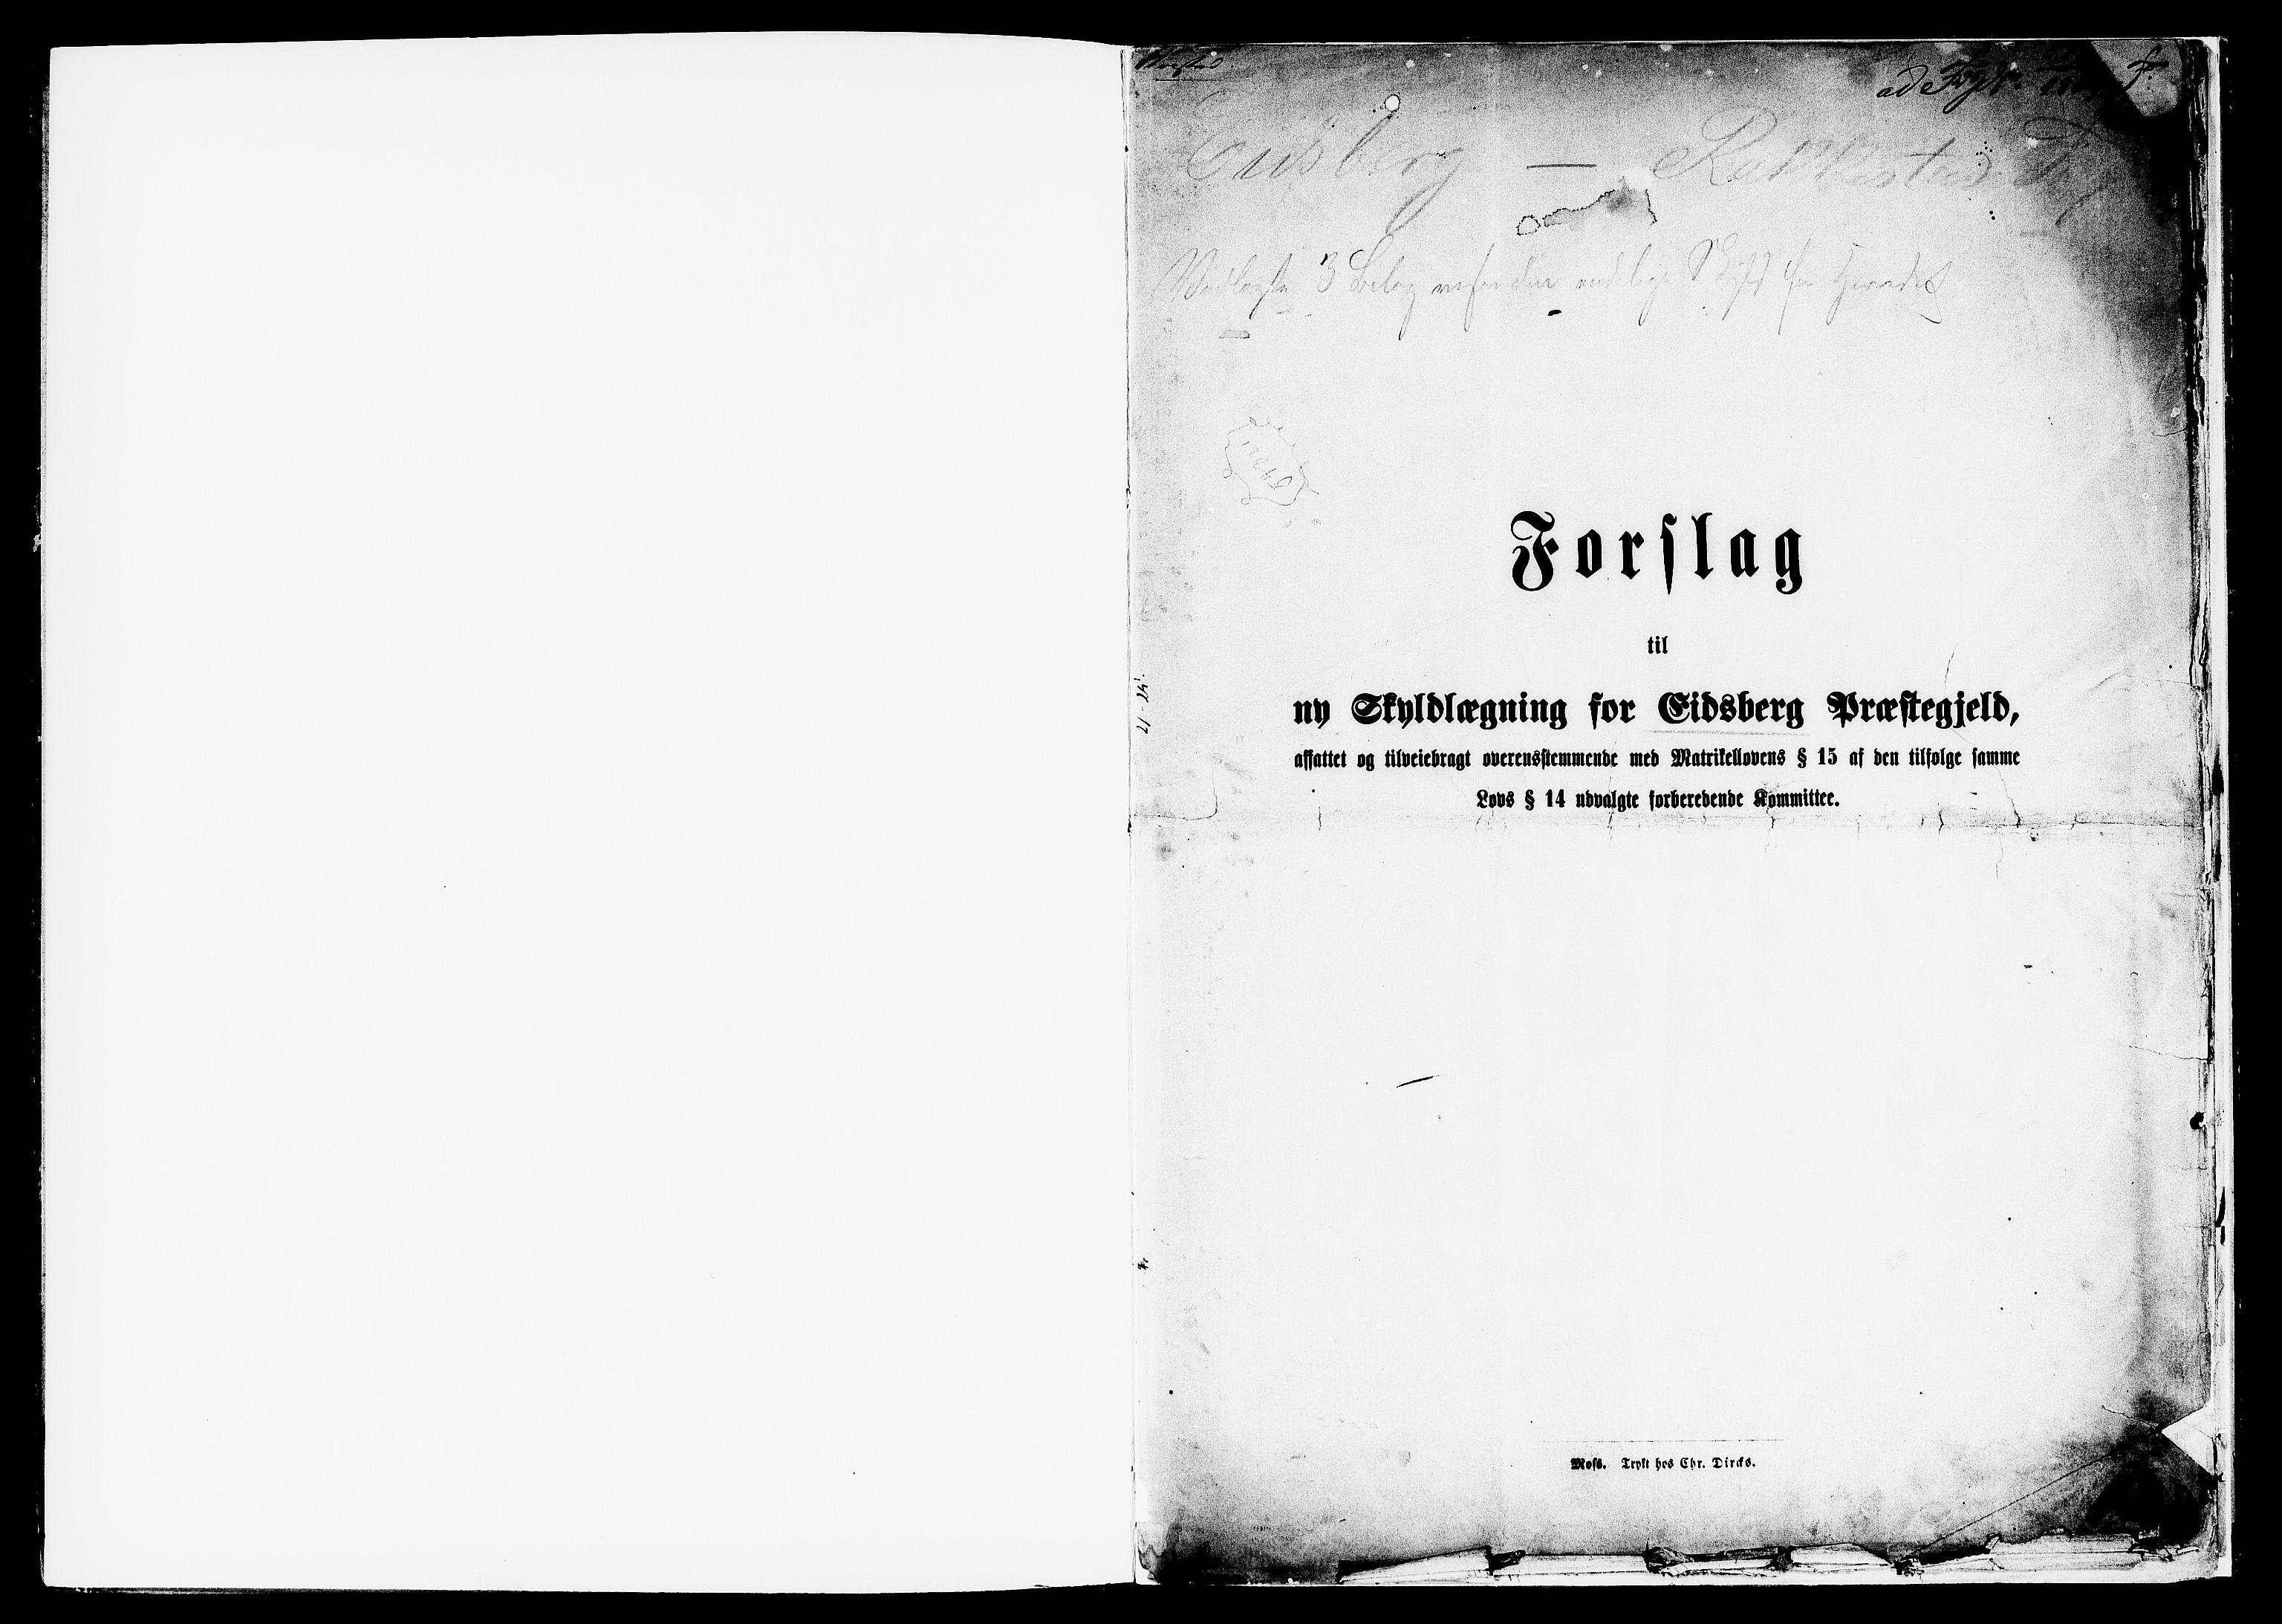 RA, Matrikkelrevisjonen av 1863, F/Fe/L0006: Eidsberg, 1863